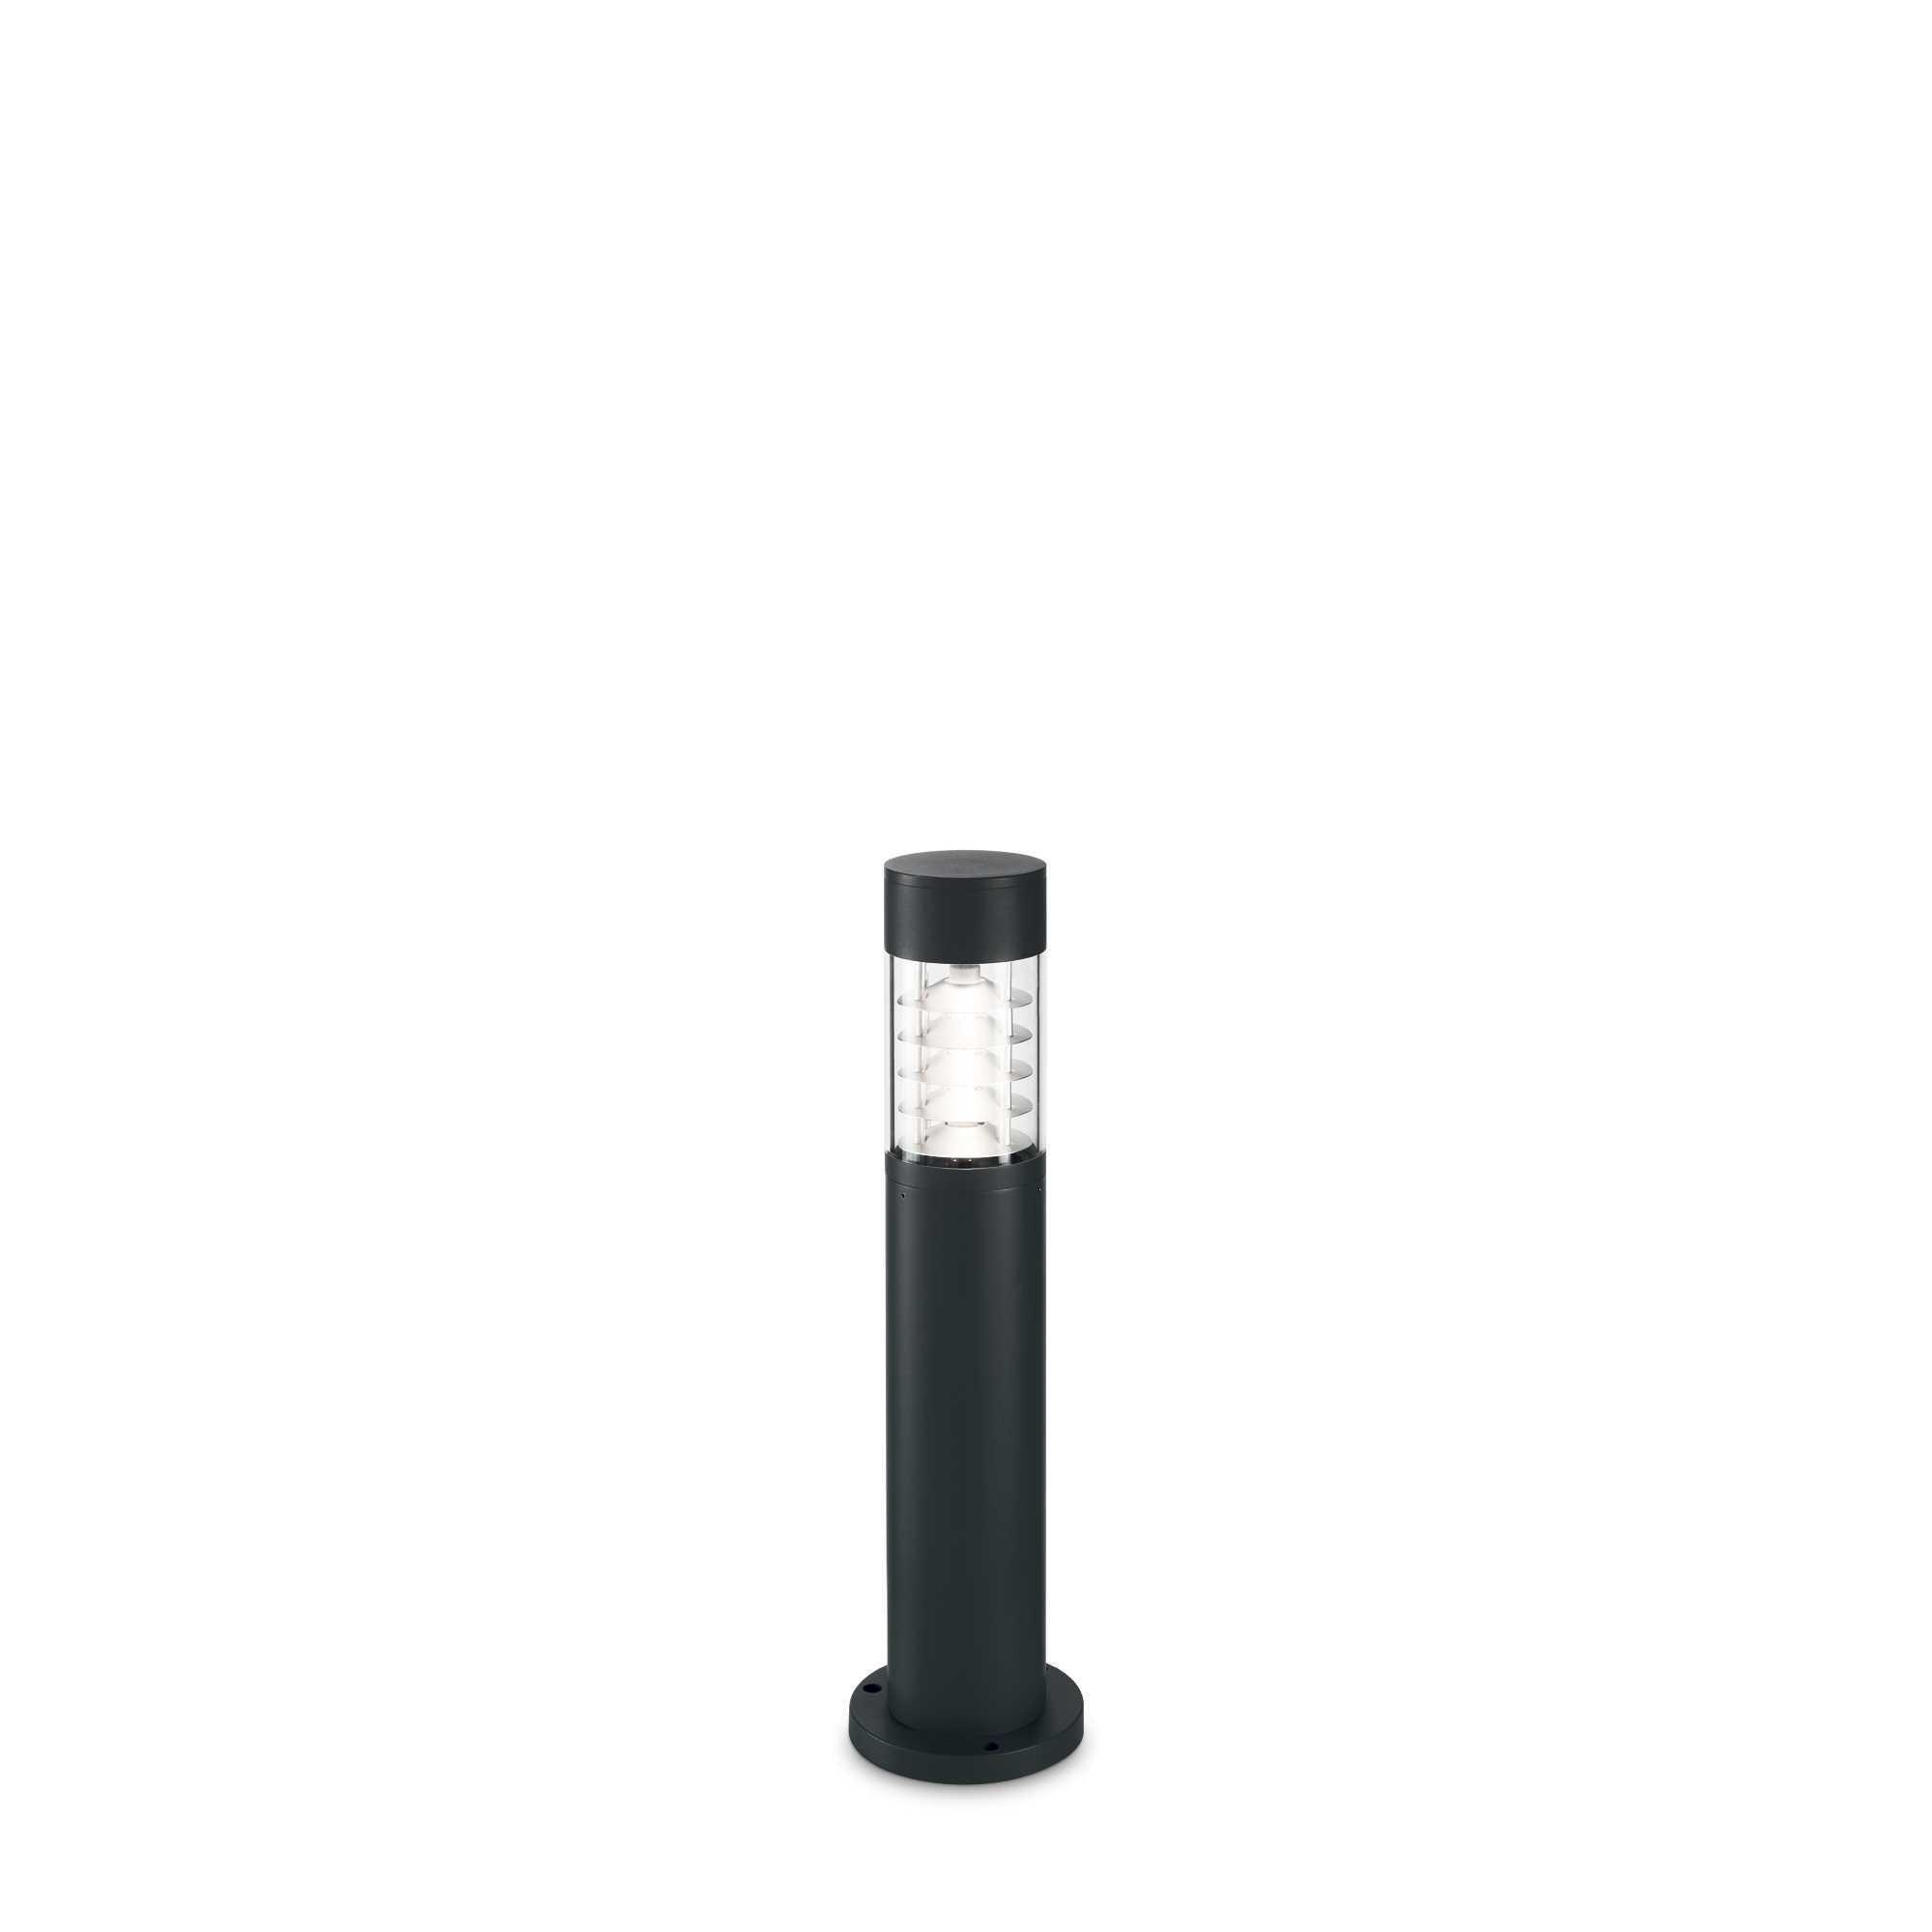 Светильник Ideal Lux Dema PT 248240, IP54, R7Sx60W, черный, прозрачный, металл, стекло - фото 1